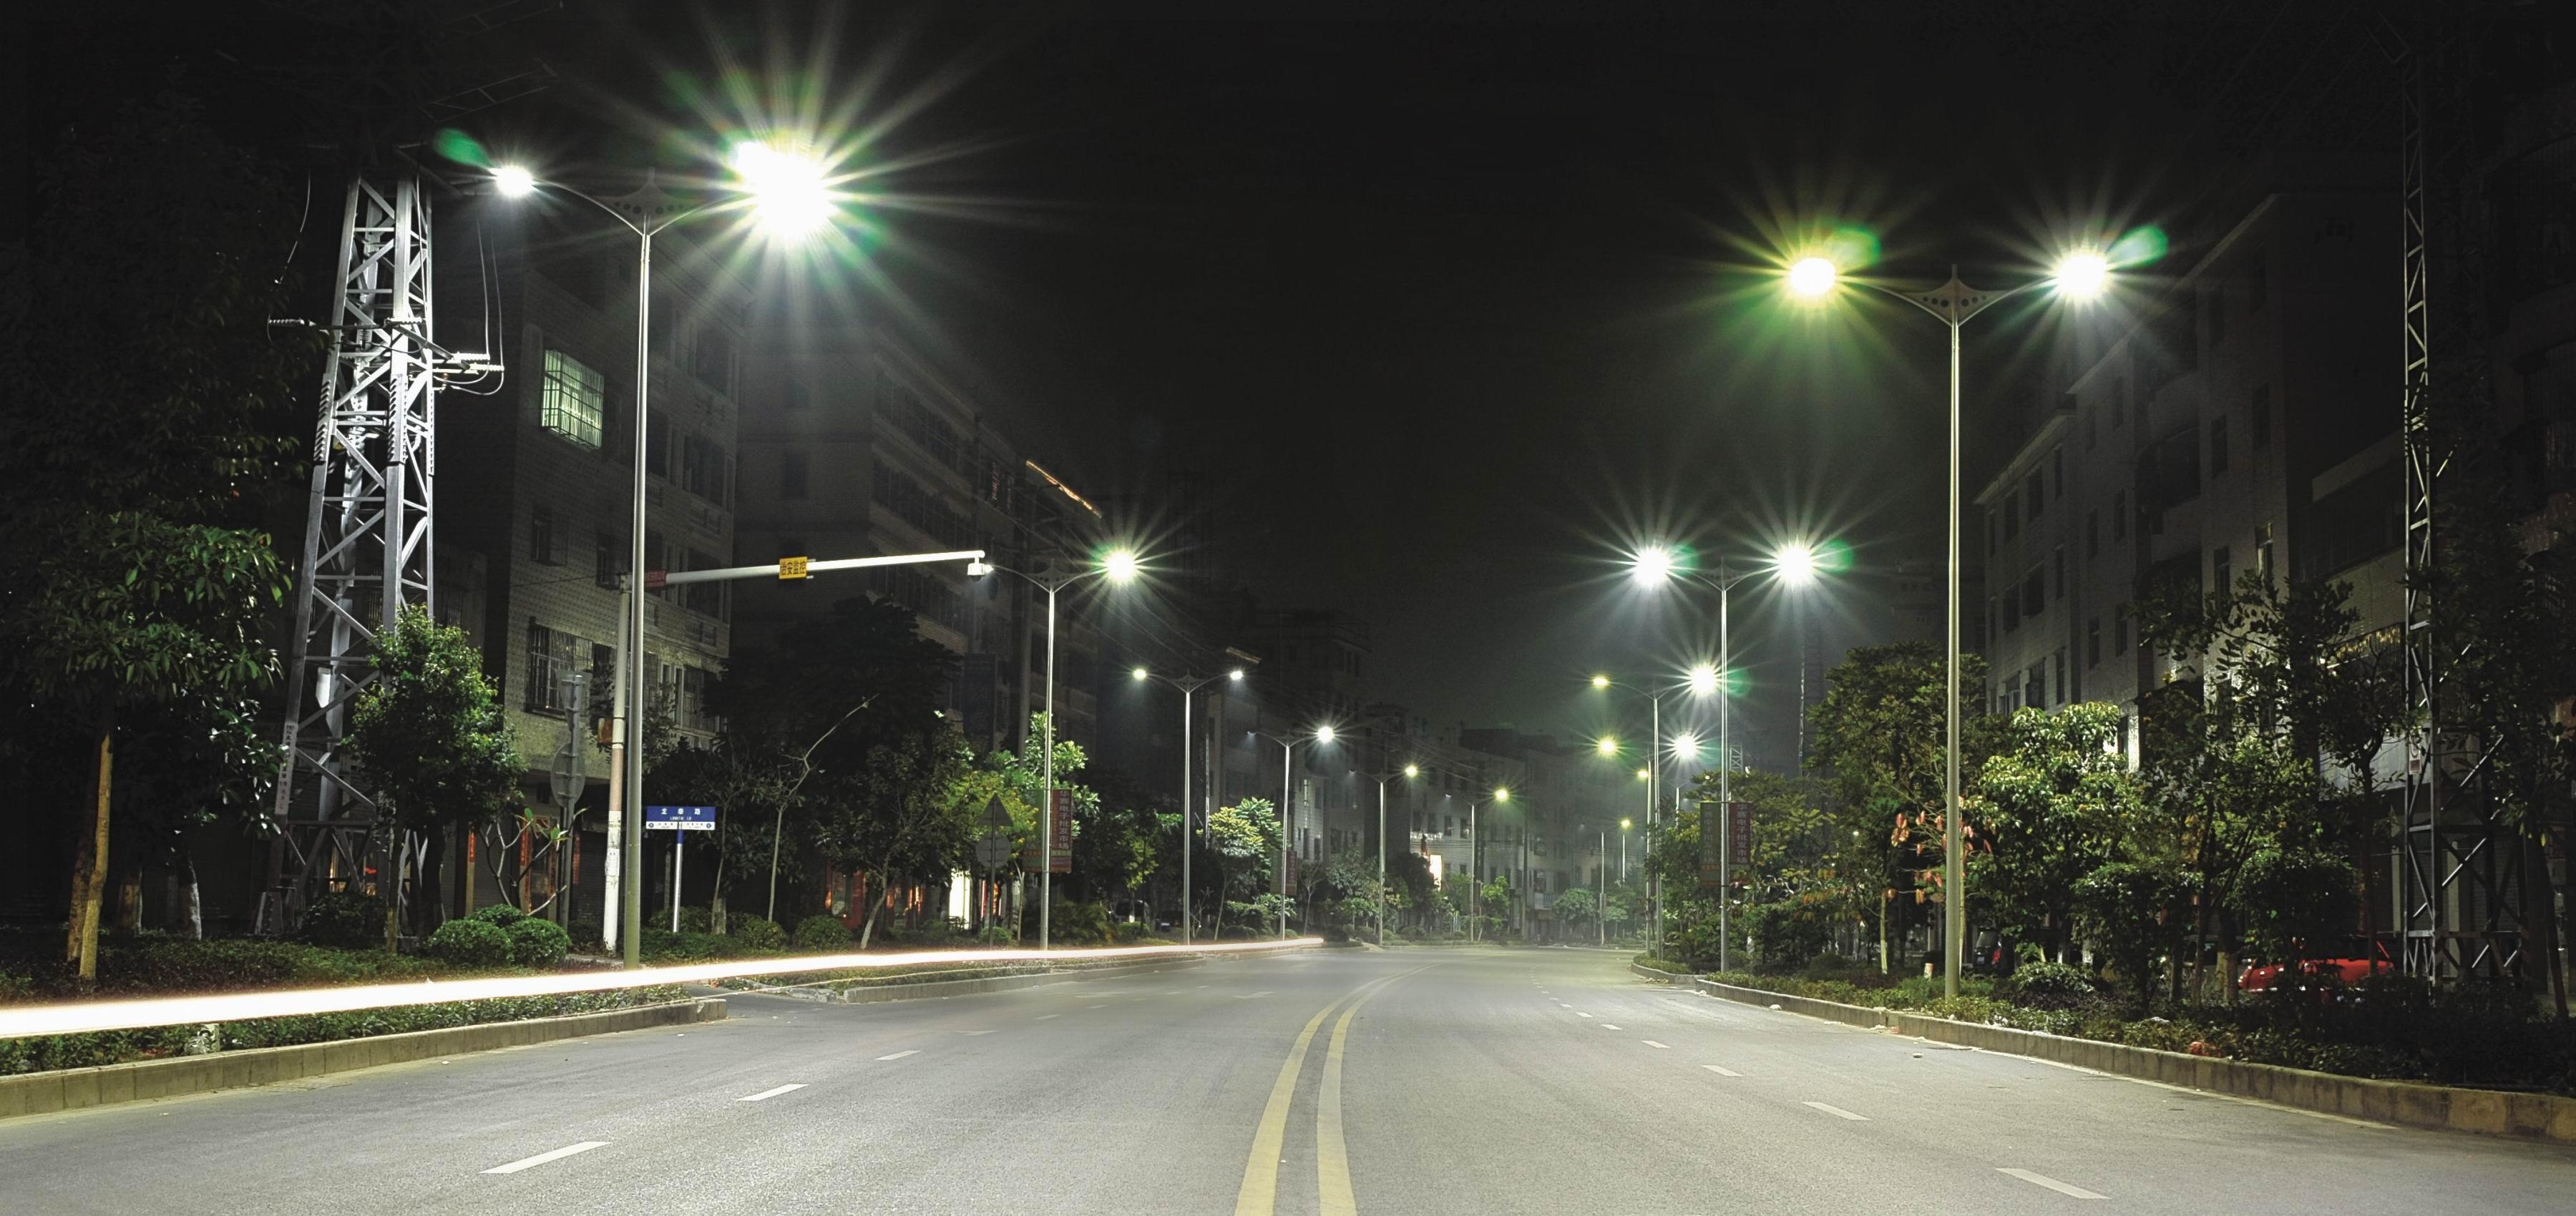 высота уличного фонаря